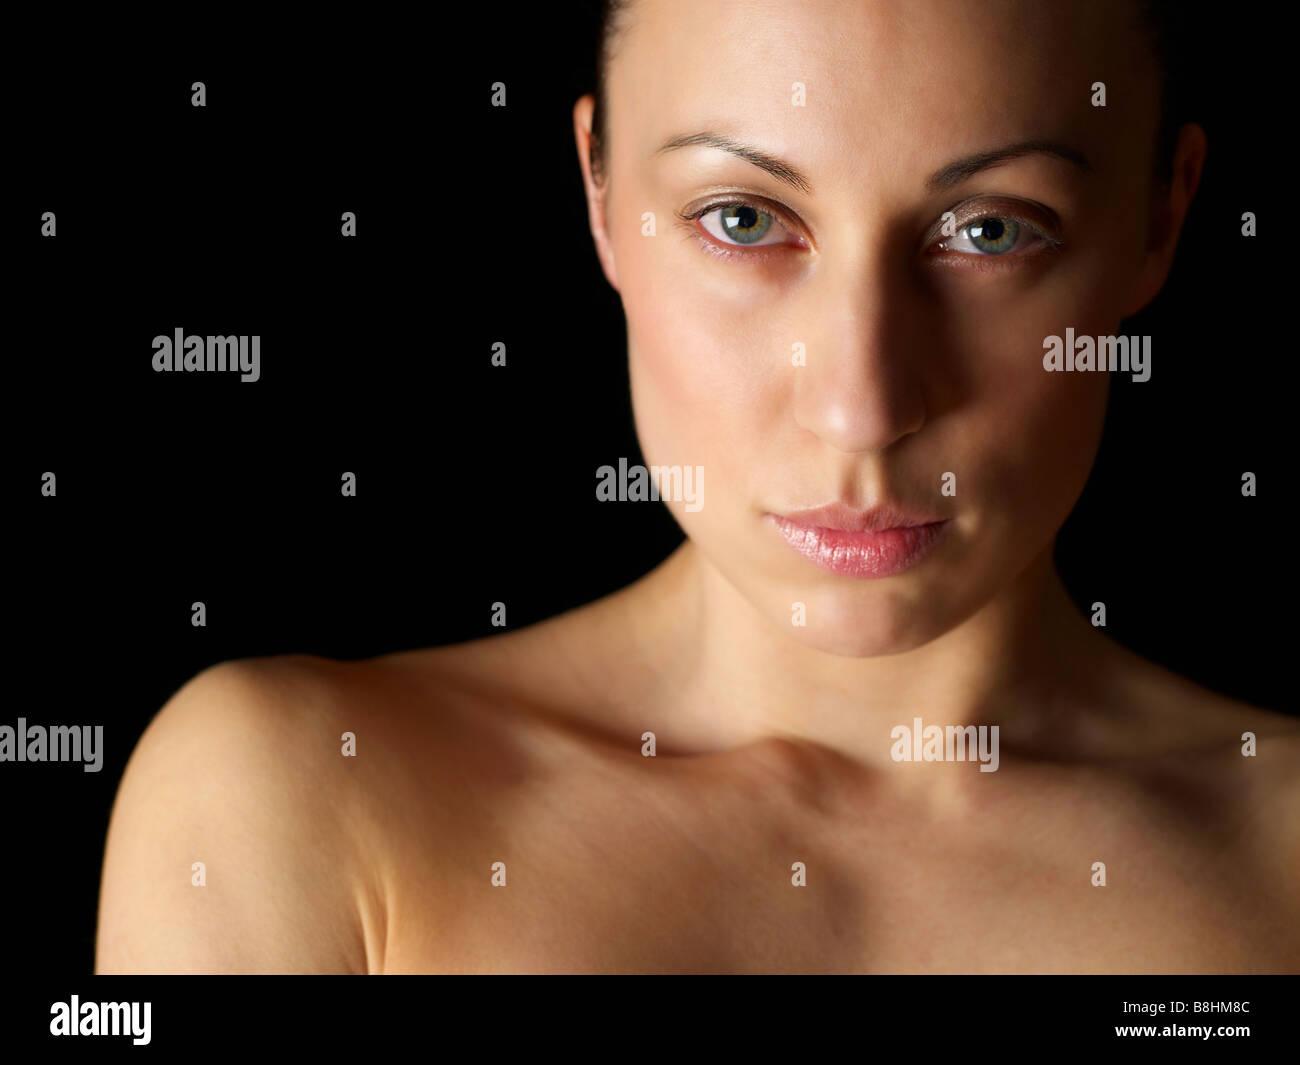 Disparo a la cabeza de un niño de ocho años veinte modelo femenino Imagen De Stock